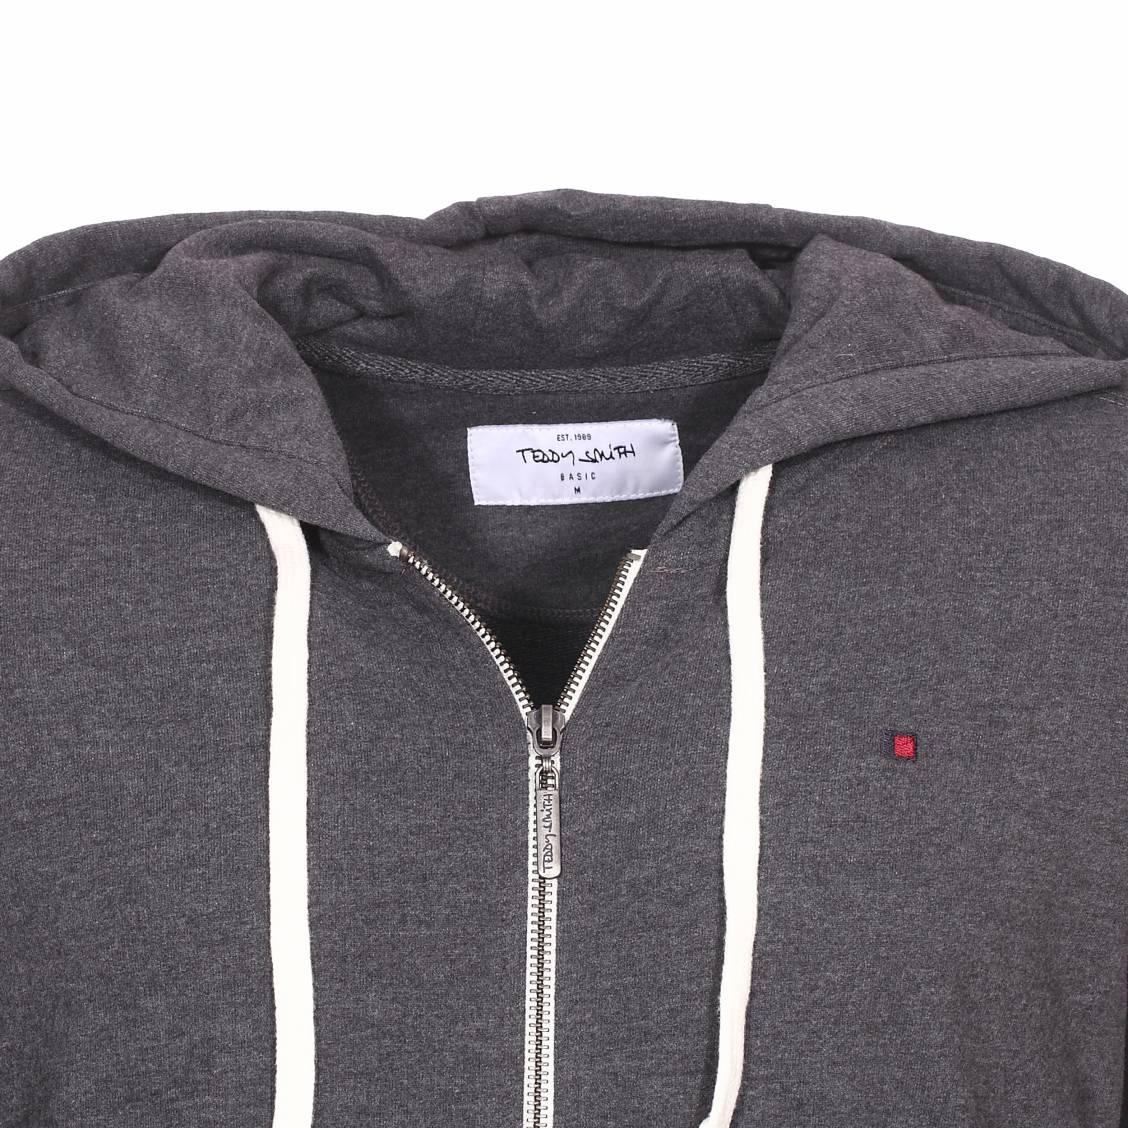 Sweat zippé à capuche Gelly 2 Teddy Smith en coton mélangé gris anthracite chiné | Rue Des Hommes